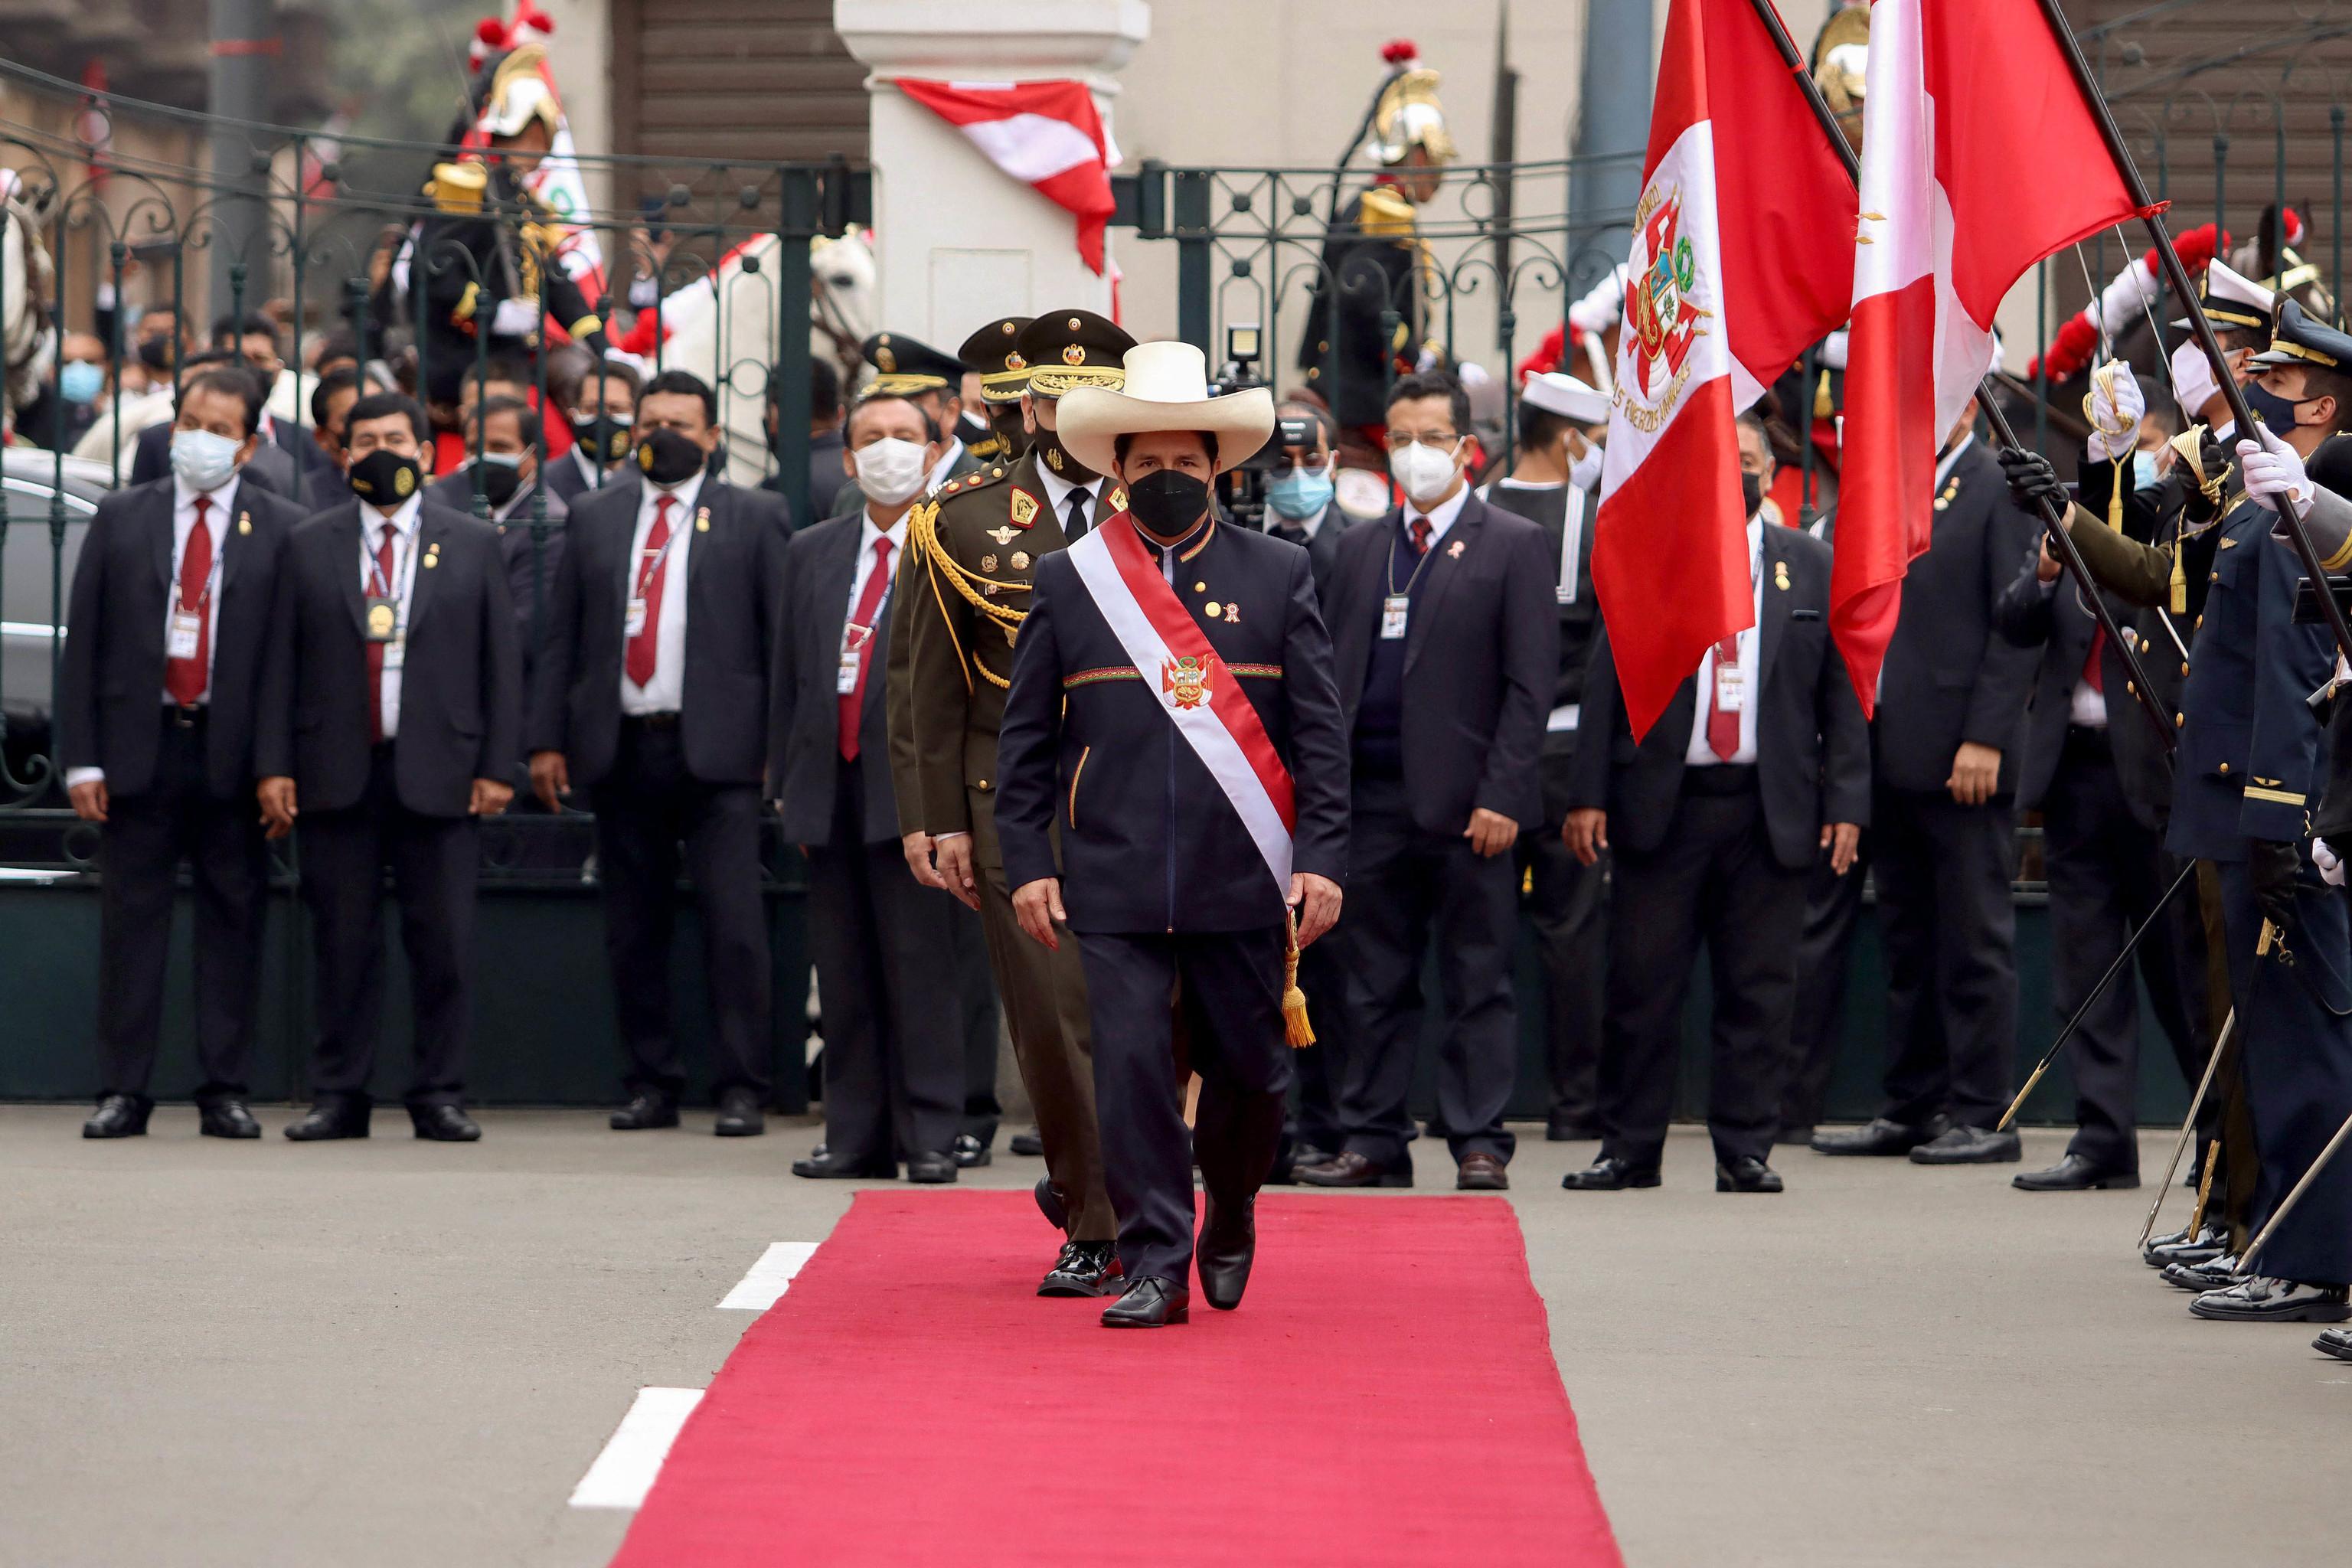 El presidente de Perú, en su ceremonia inaugural en Lima.